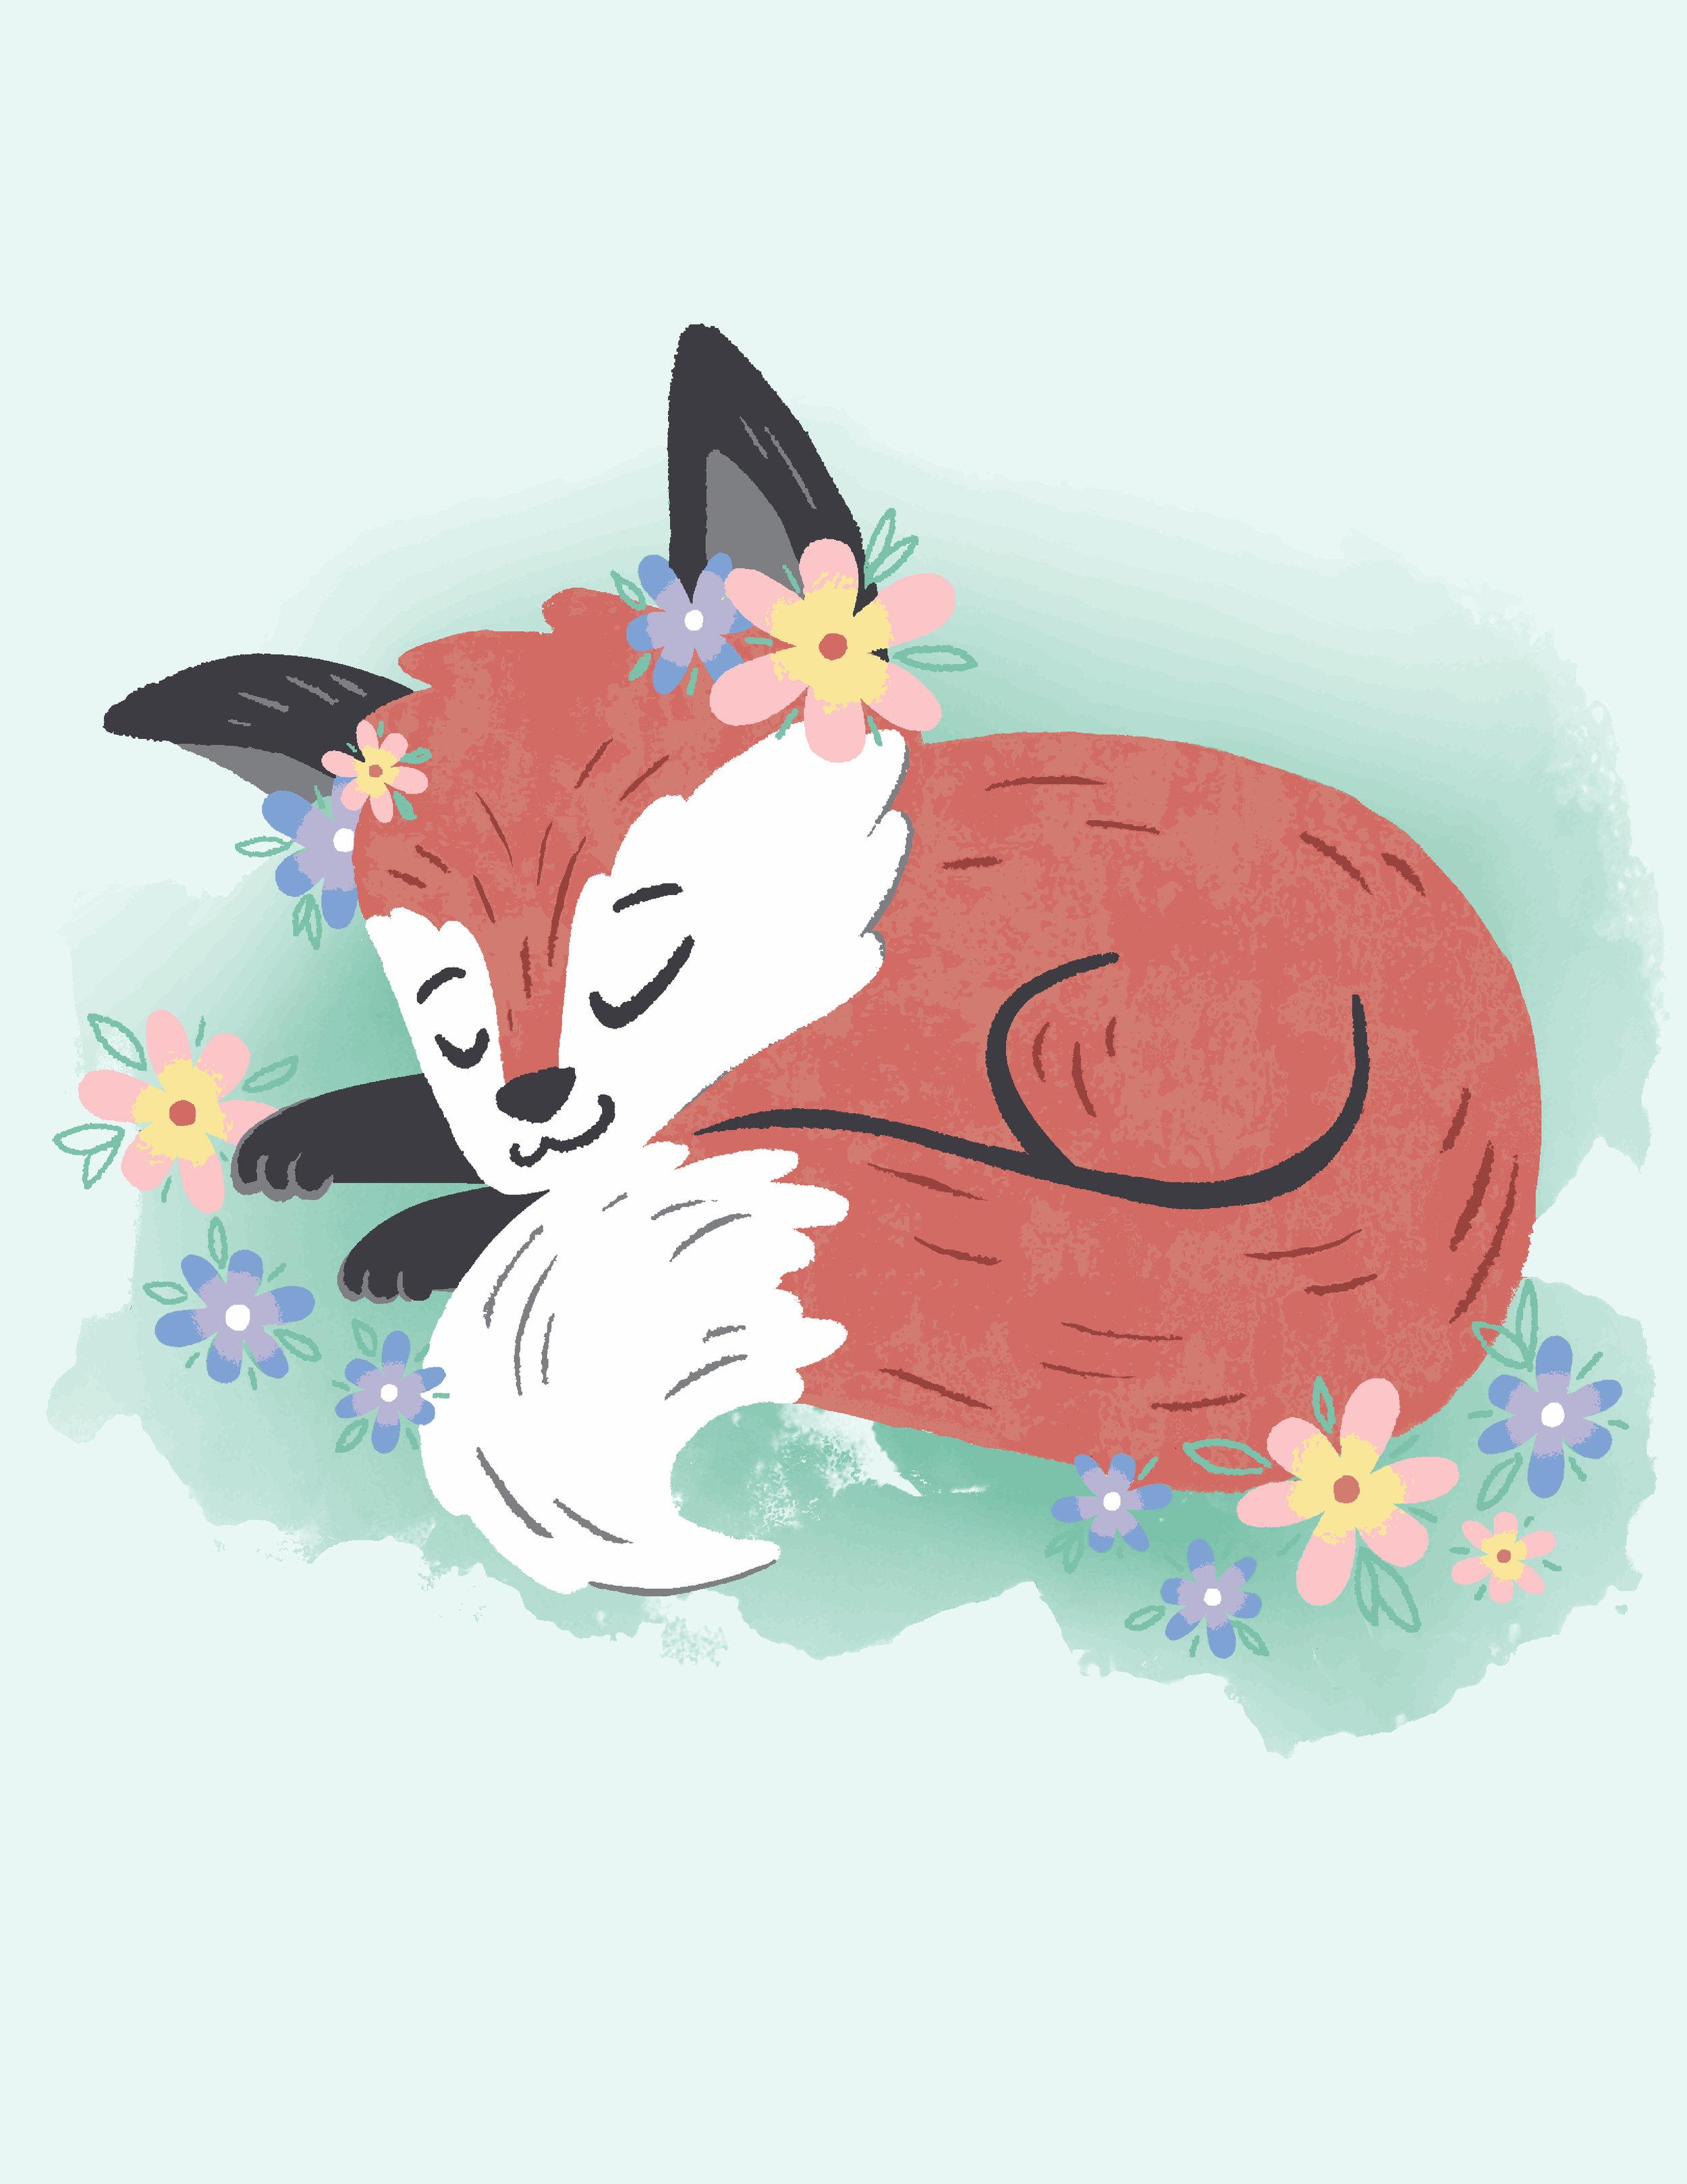 fox-02-2-isoalted_colorway5.jpg